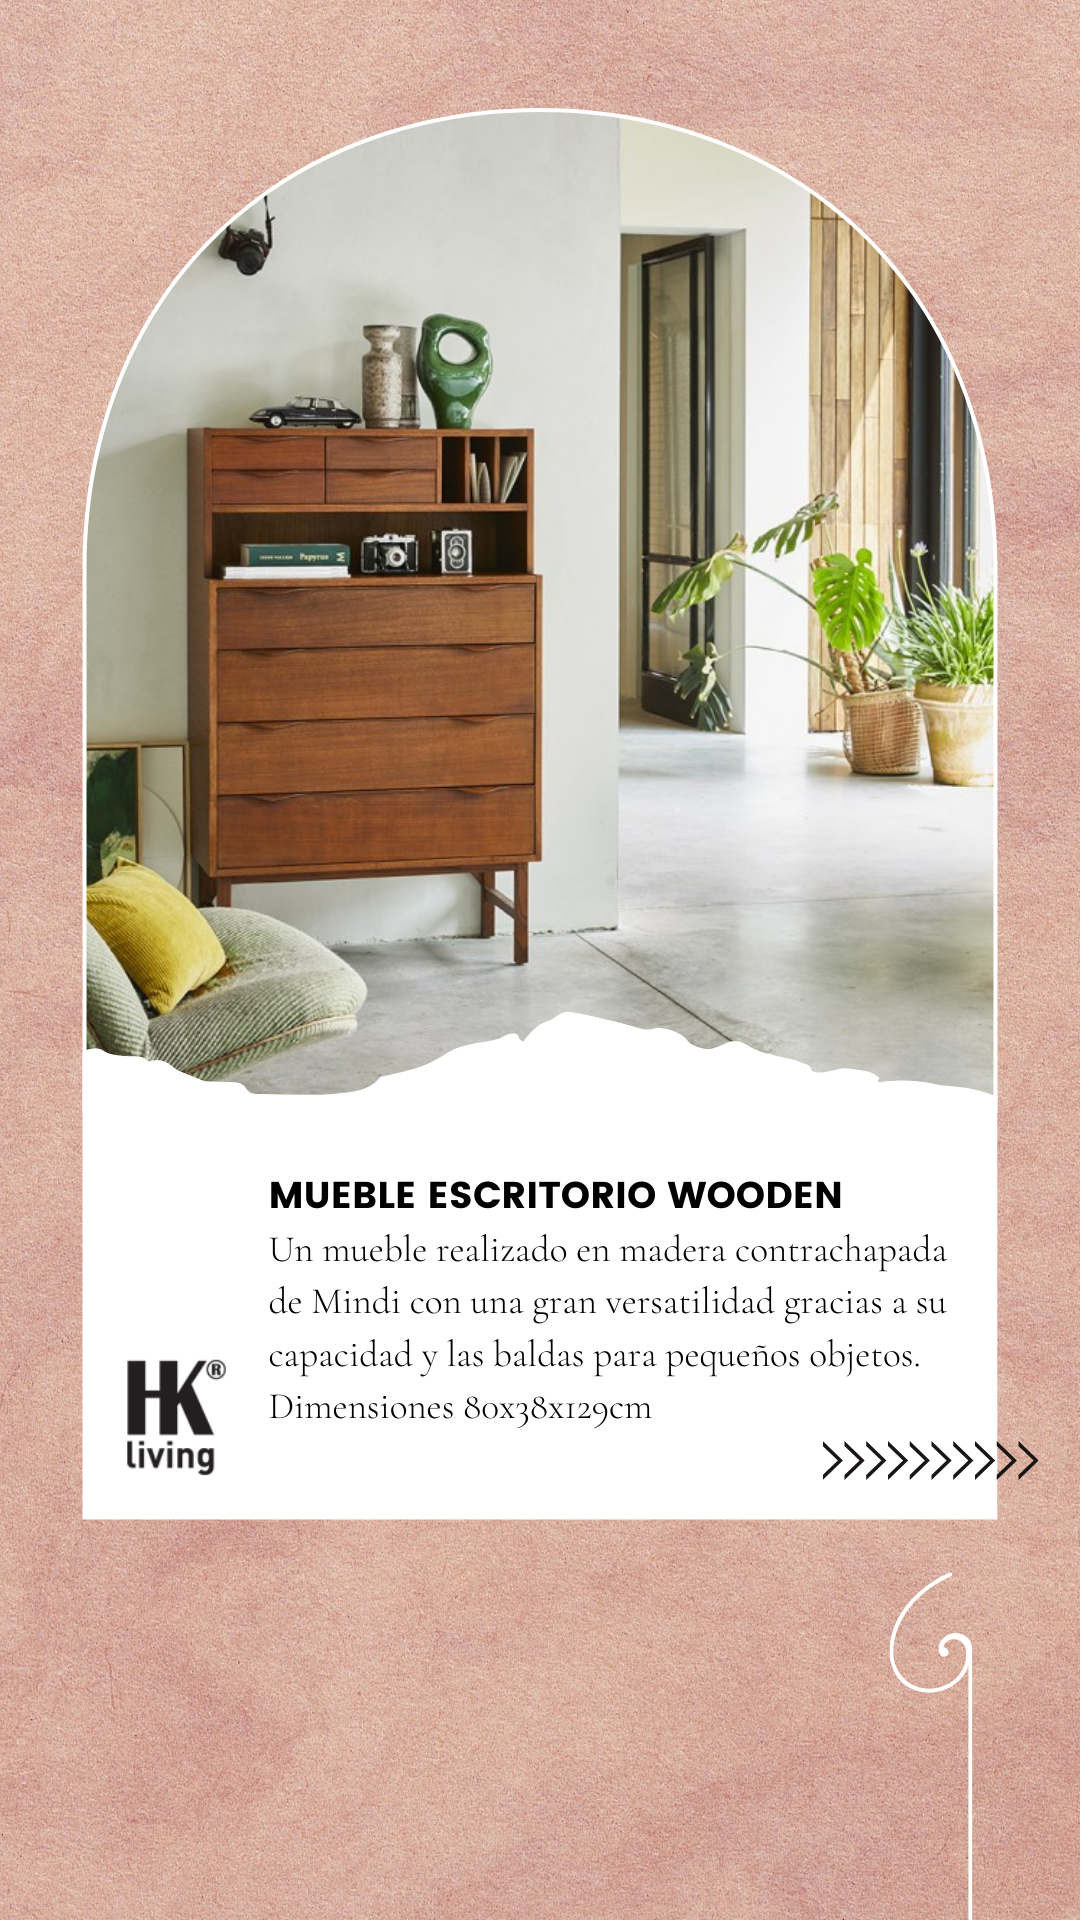 Mueble Escritorio Wooden